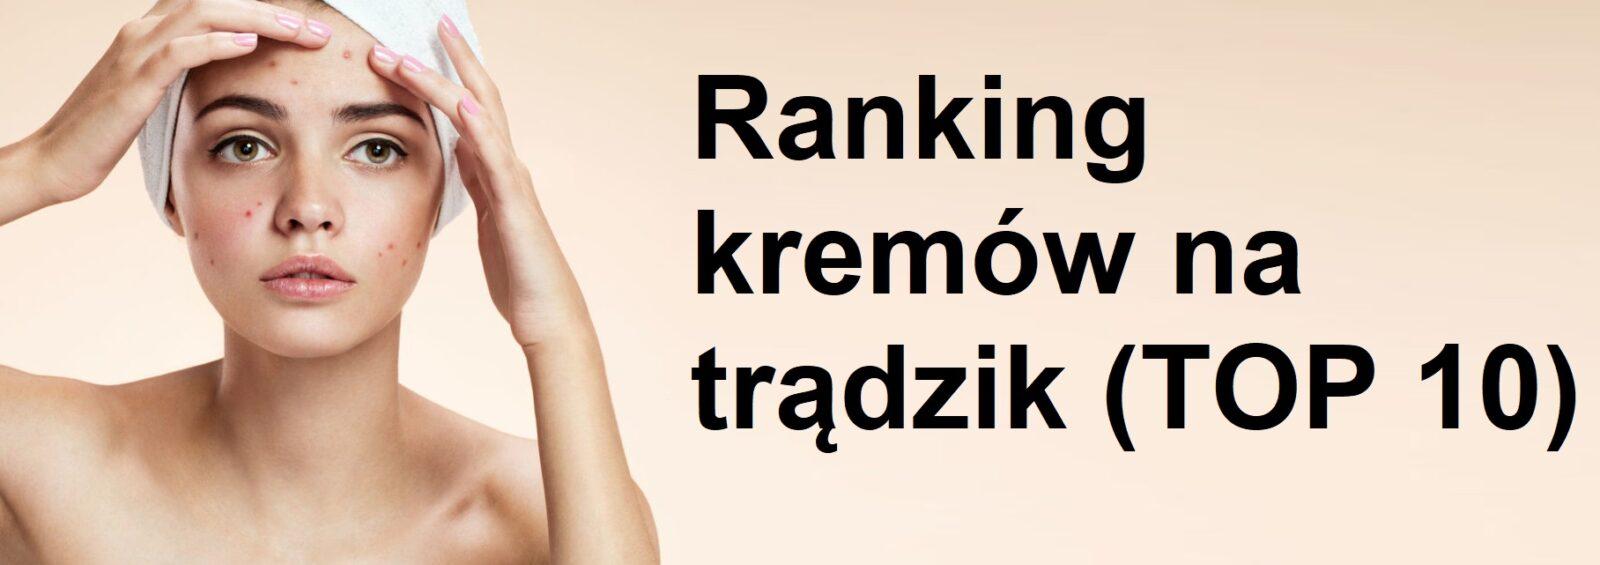 Ranking kremów na trądzik (TOP 10)